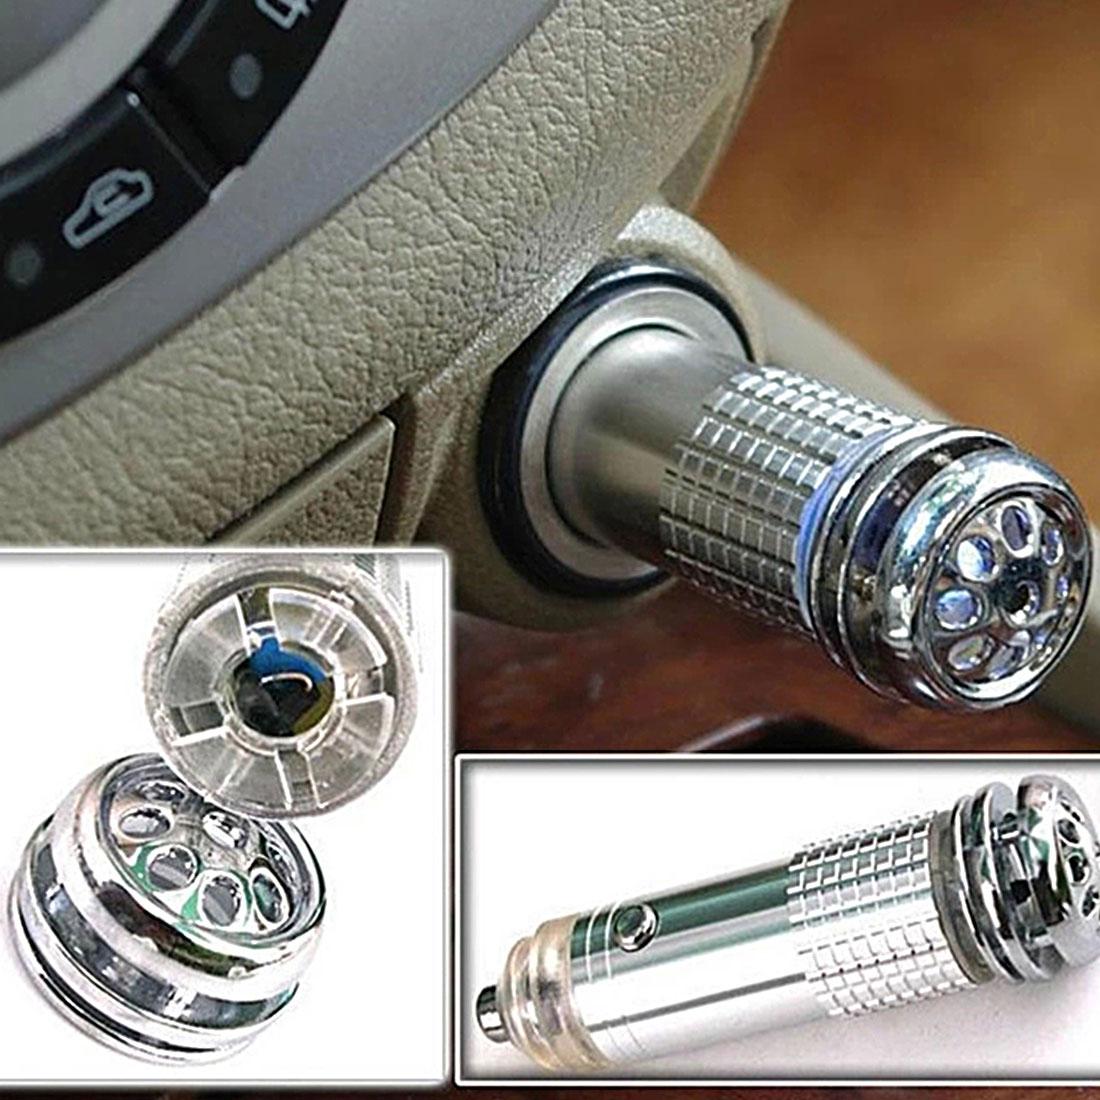 Gorąca sprzedaż wielobarwne opcjonalnie prawdziwa skuteczna dekoracja samochodu elektrycznego, praktyczny Mini układ, oczyszczacz bar tlenowy jonizator